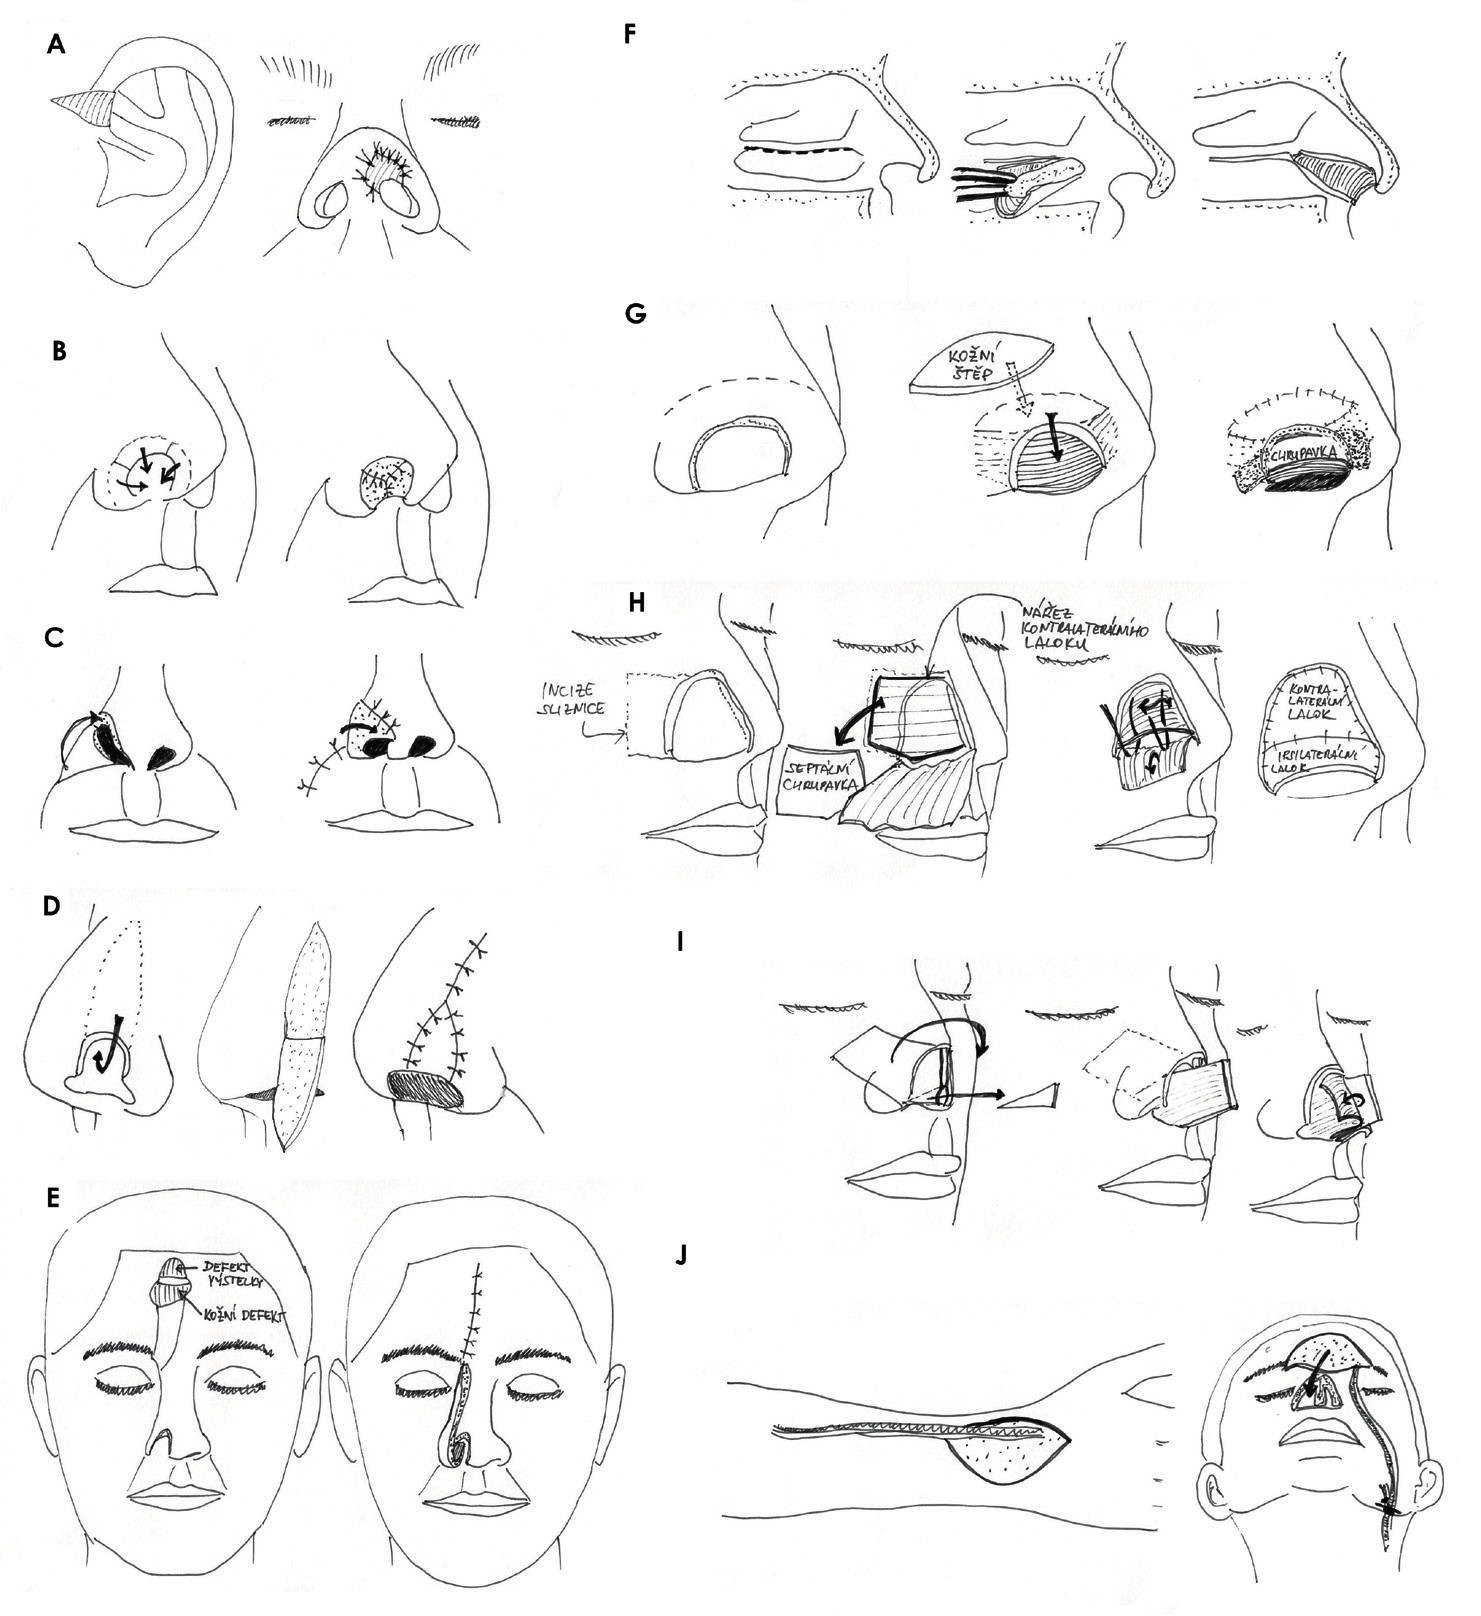 Rekonstrukce vnitřní výstelky nosu: A) kompozitní štěp, B) přetočení okrajů defektu nosu, C) místní lalok, D) zevní překlopný lalok, E) zdublovaný čelní lalok, F) lalok z dolní skořepy (turbinate flap), G) dvoustopkový vestibulární kožní lalok, H) septální mukoperichondriální lalok, I) pivotální kompozitní septální chondromukozní lalok, J) mikrovaskulární volný lalok. Zdroj: Kresba autora podle Menick Frederick J. Aesthetic nasal reconstruction in Neligan, Peter C. Plastic Surgery, Vol. III., Craniofacial, Head and Neck Surgery. Elsevier Saunders London, 3rd ed, 2013.